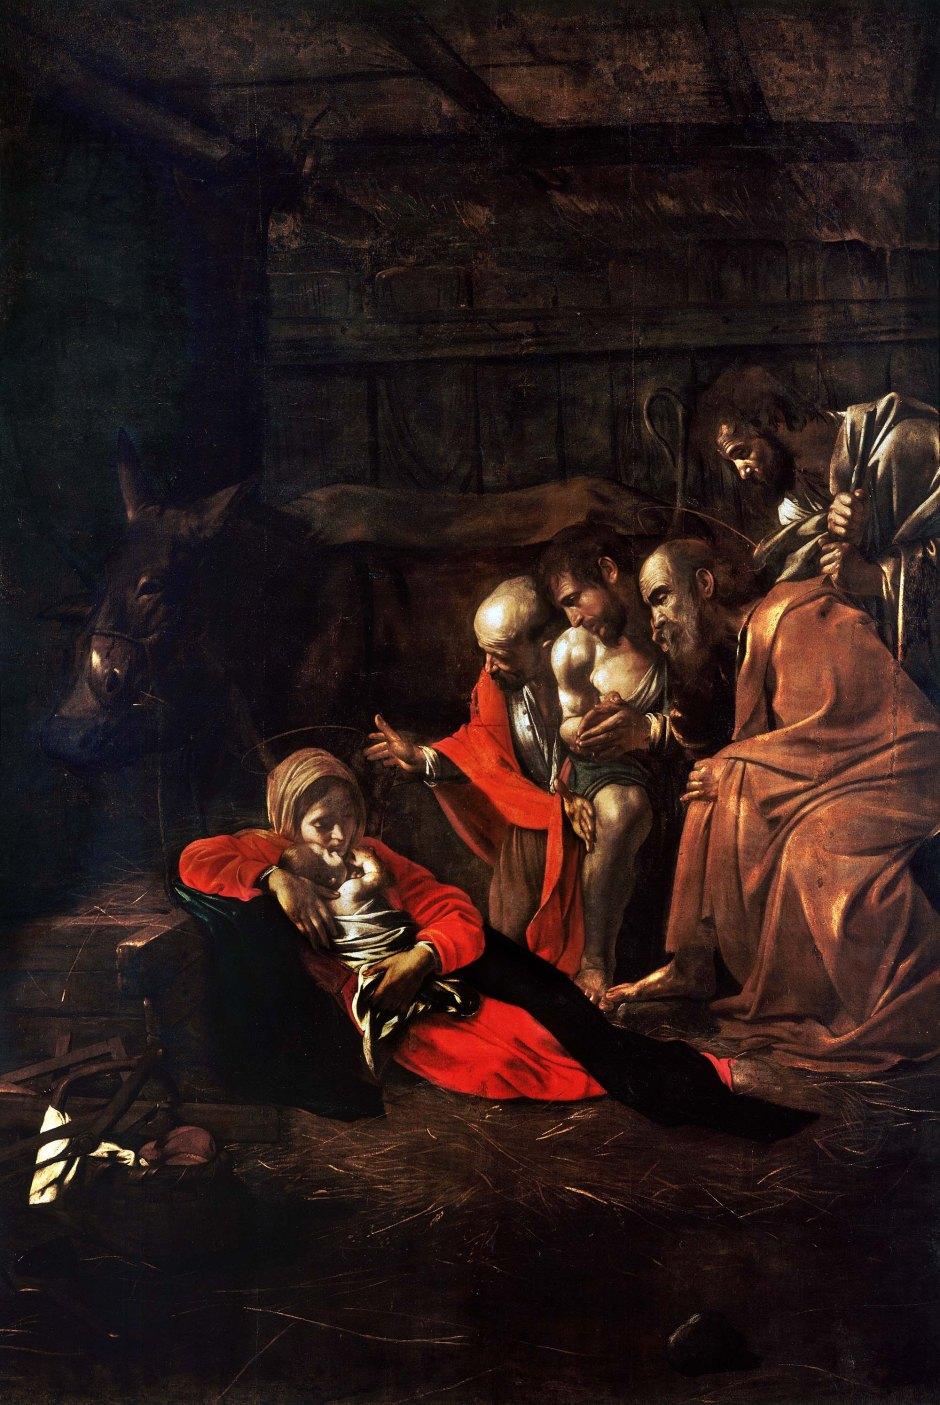 Michelangelo Merisi detto il Caravaggio, L'adorazione dei pastori, 1609